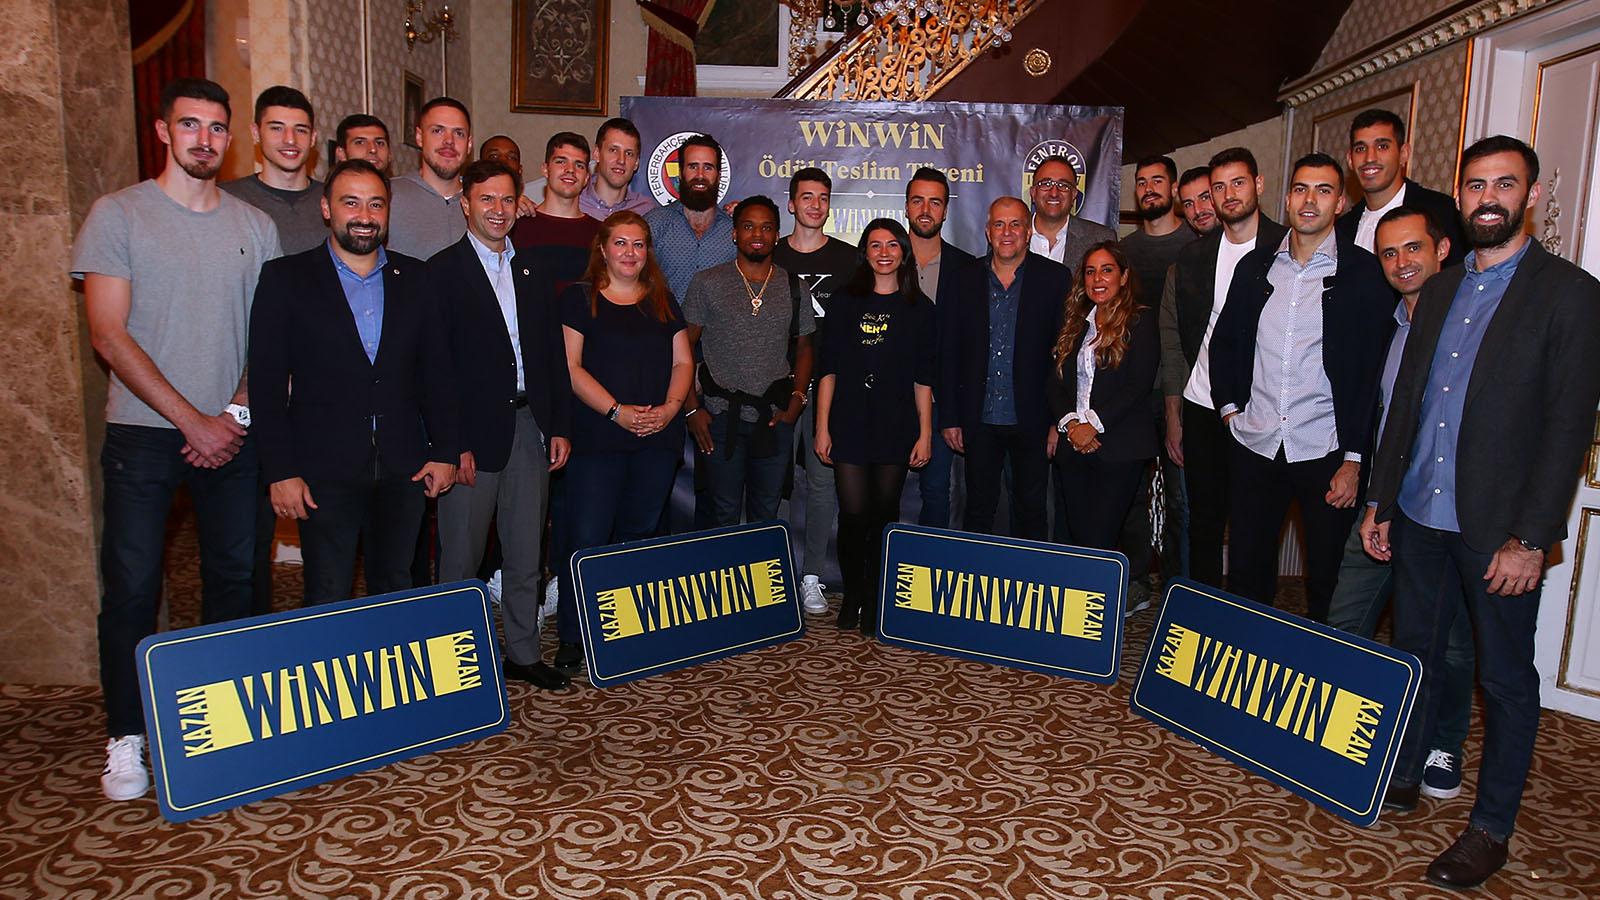 WinWin kampanyası talihlileri; Yöneticilerimiz ve basketbolcularımızla yemekte bir araya geldi